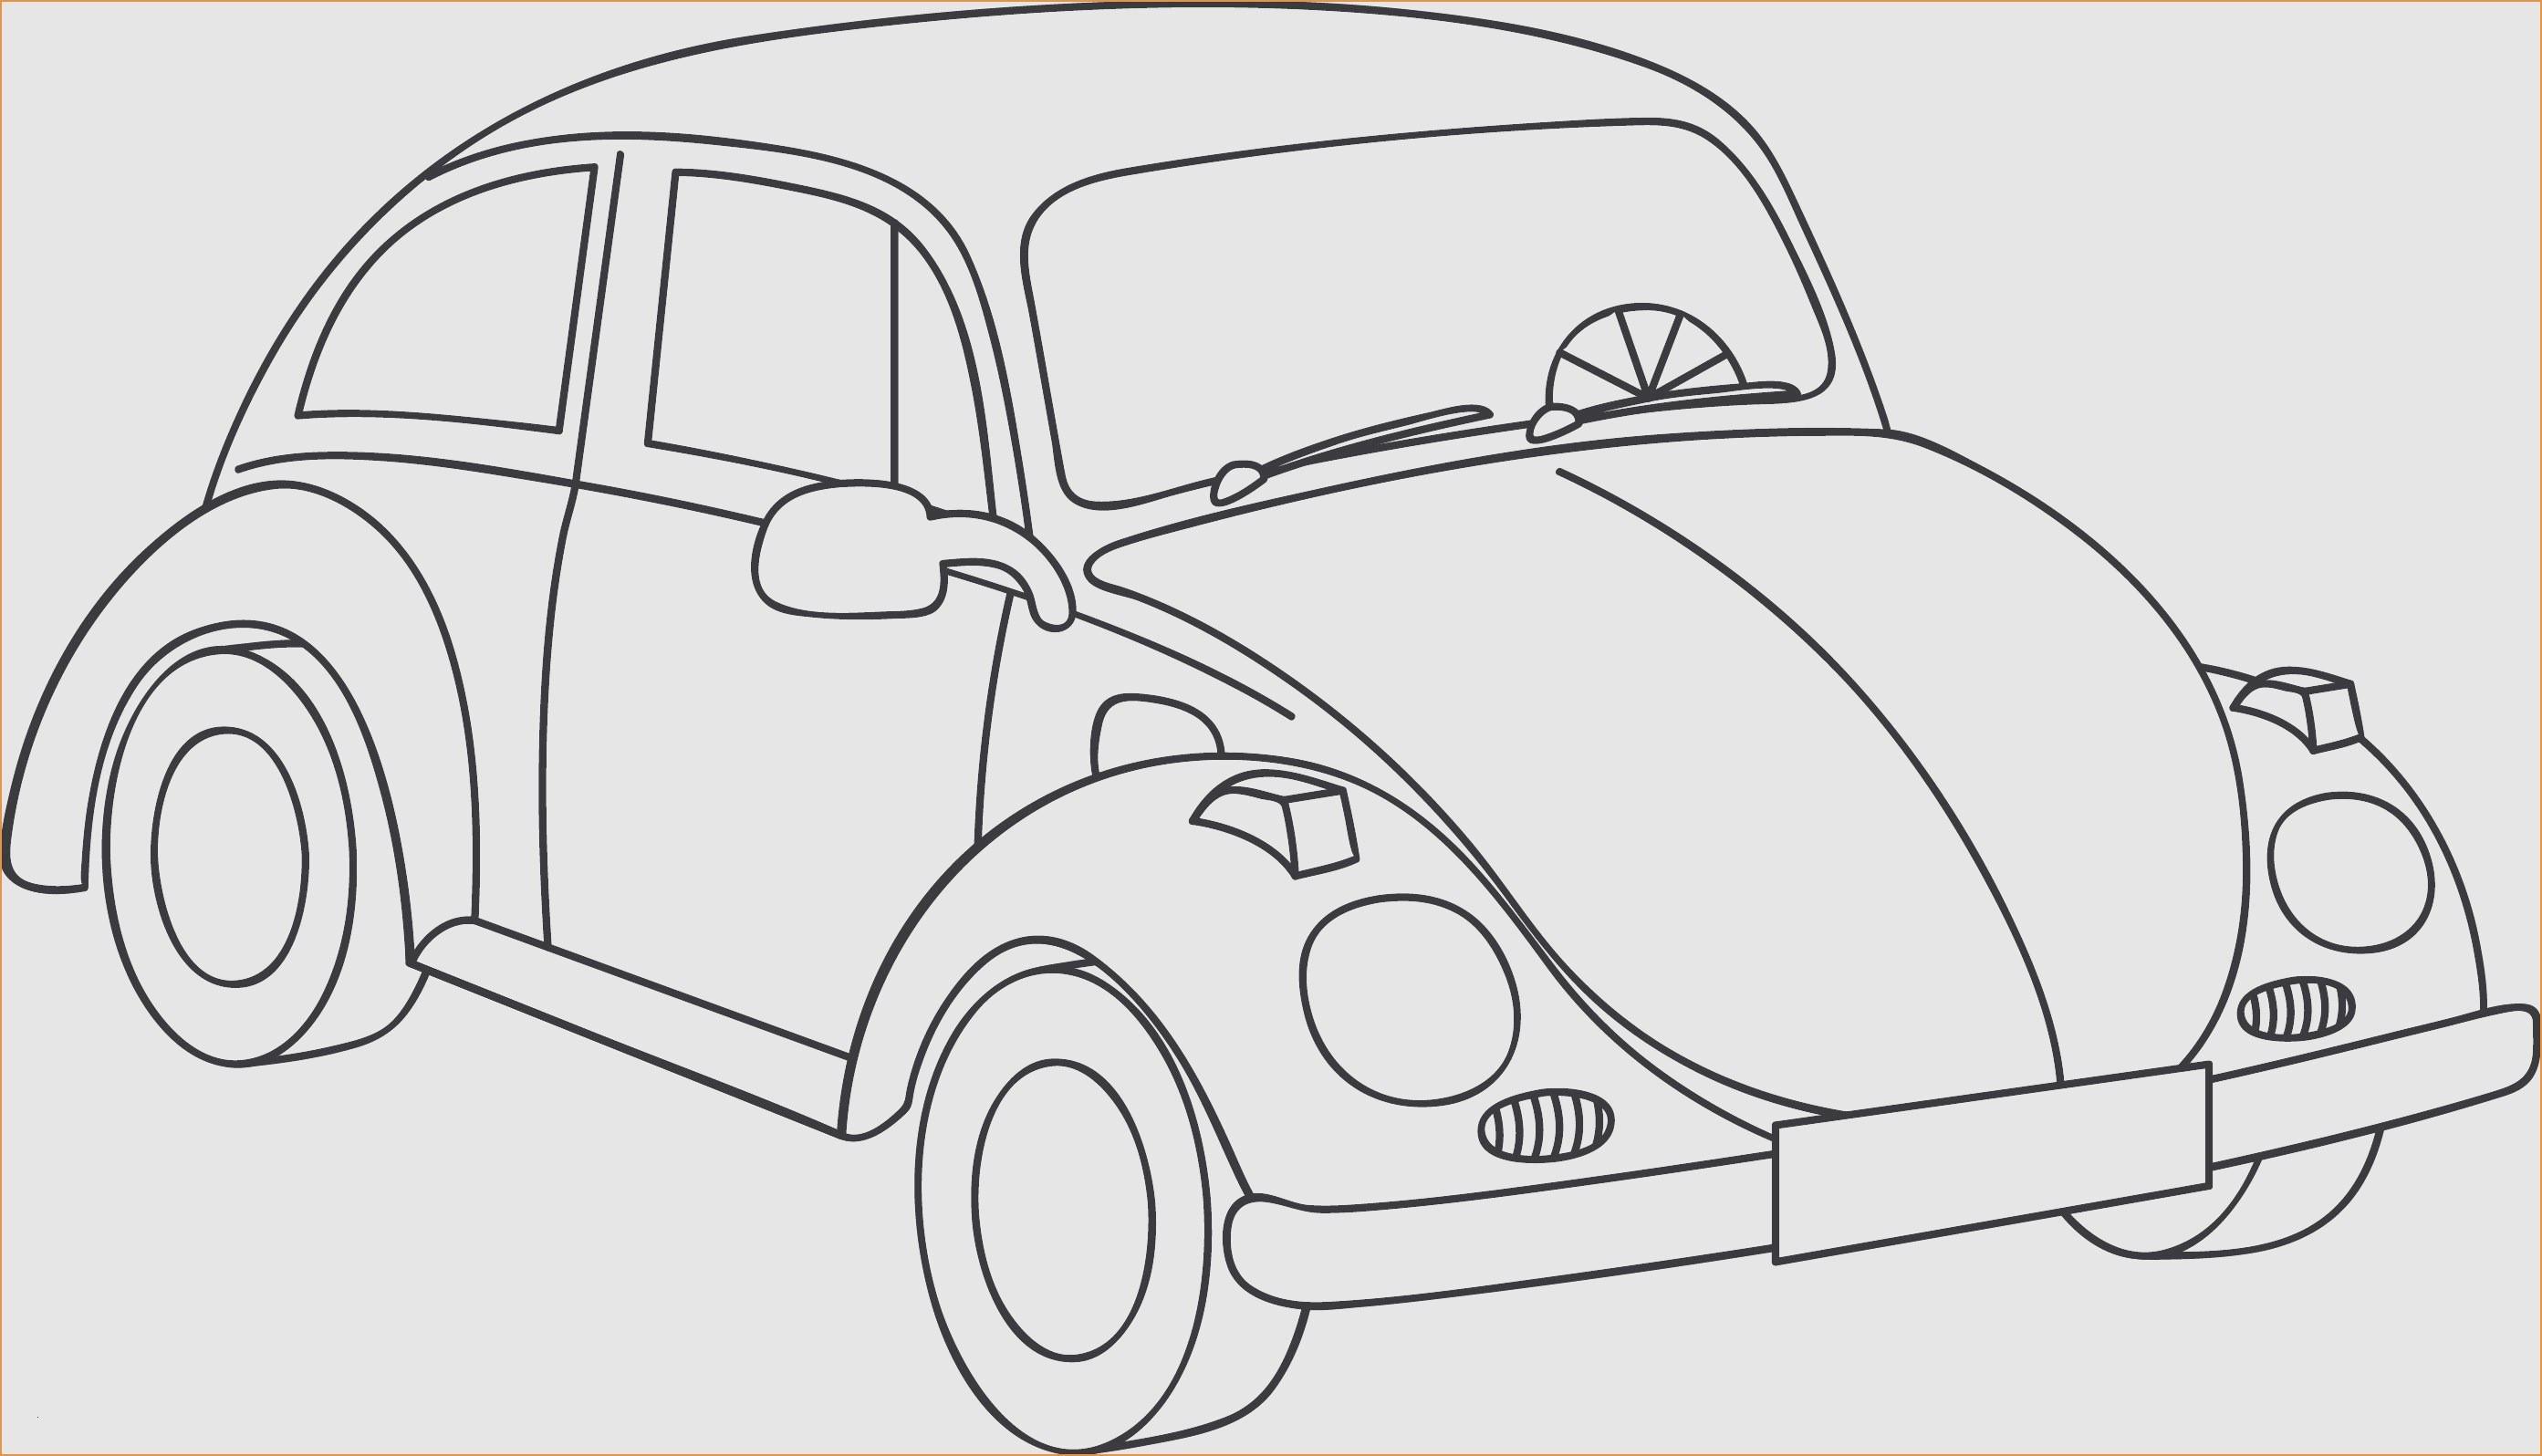 Ausmalbilder Autos Porsche Frisch 45 Inspirierend Porsche Ausmalbilder Mickeycarrollmunchkin Das Bild